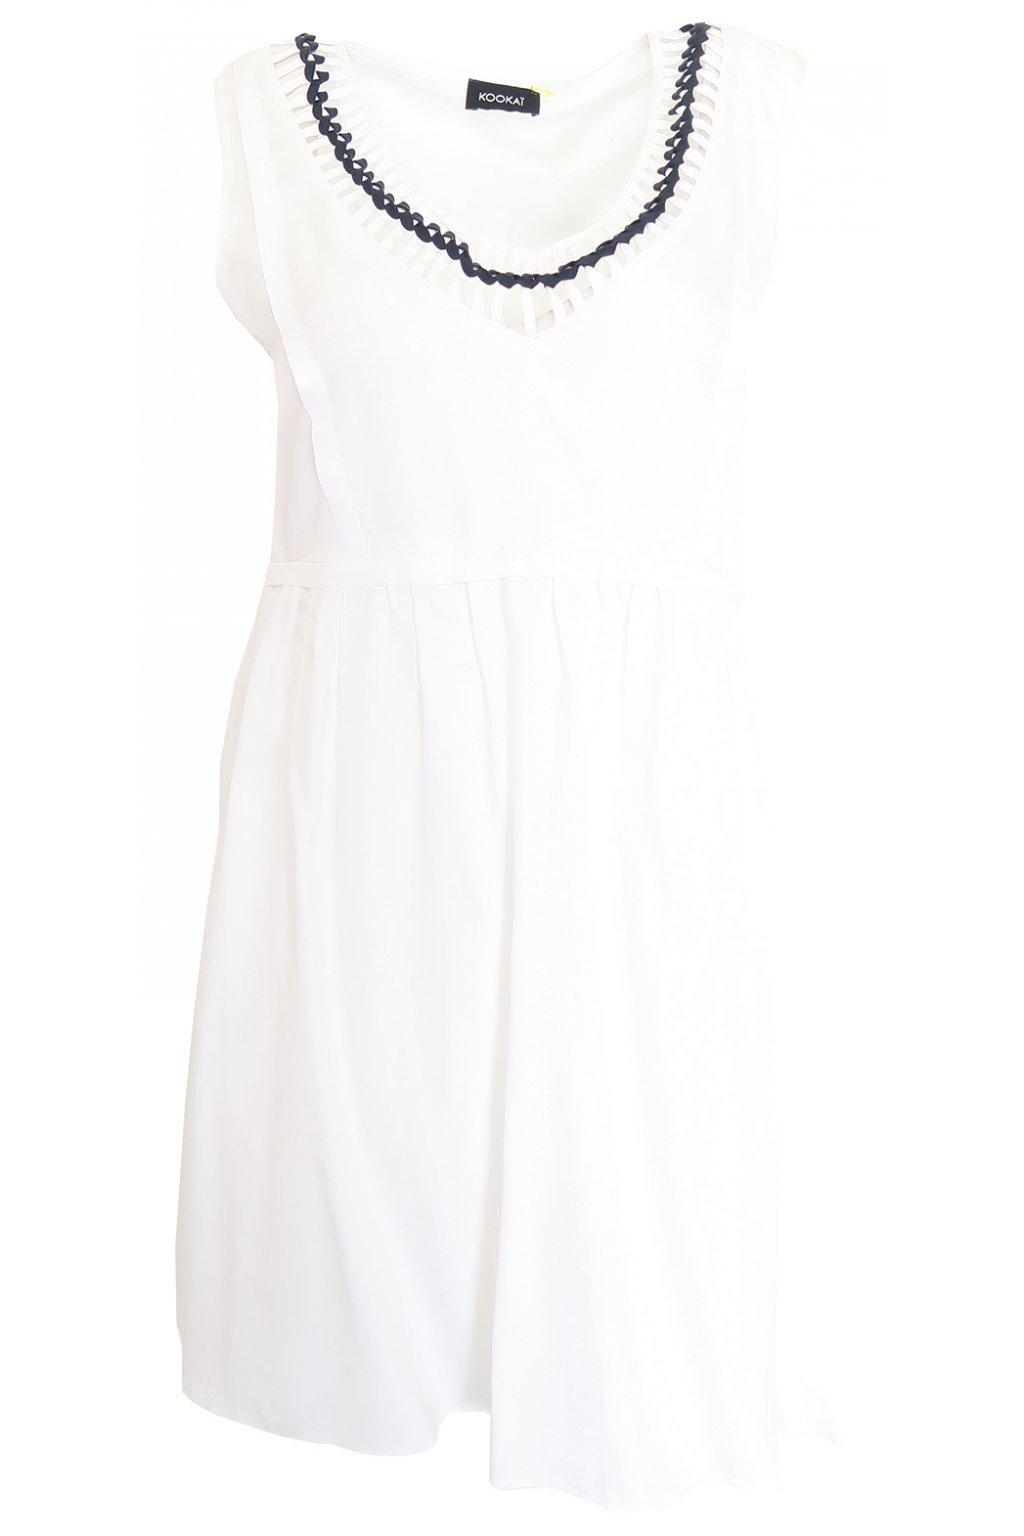 Bílé šaty se zdobeným výstřihem Kookai